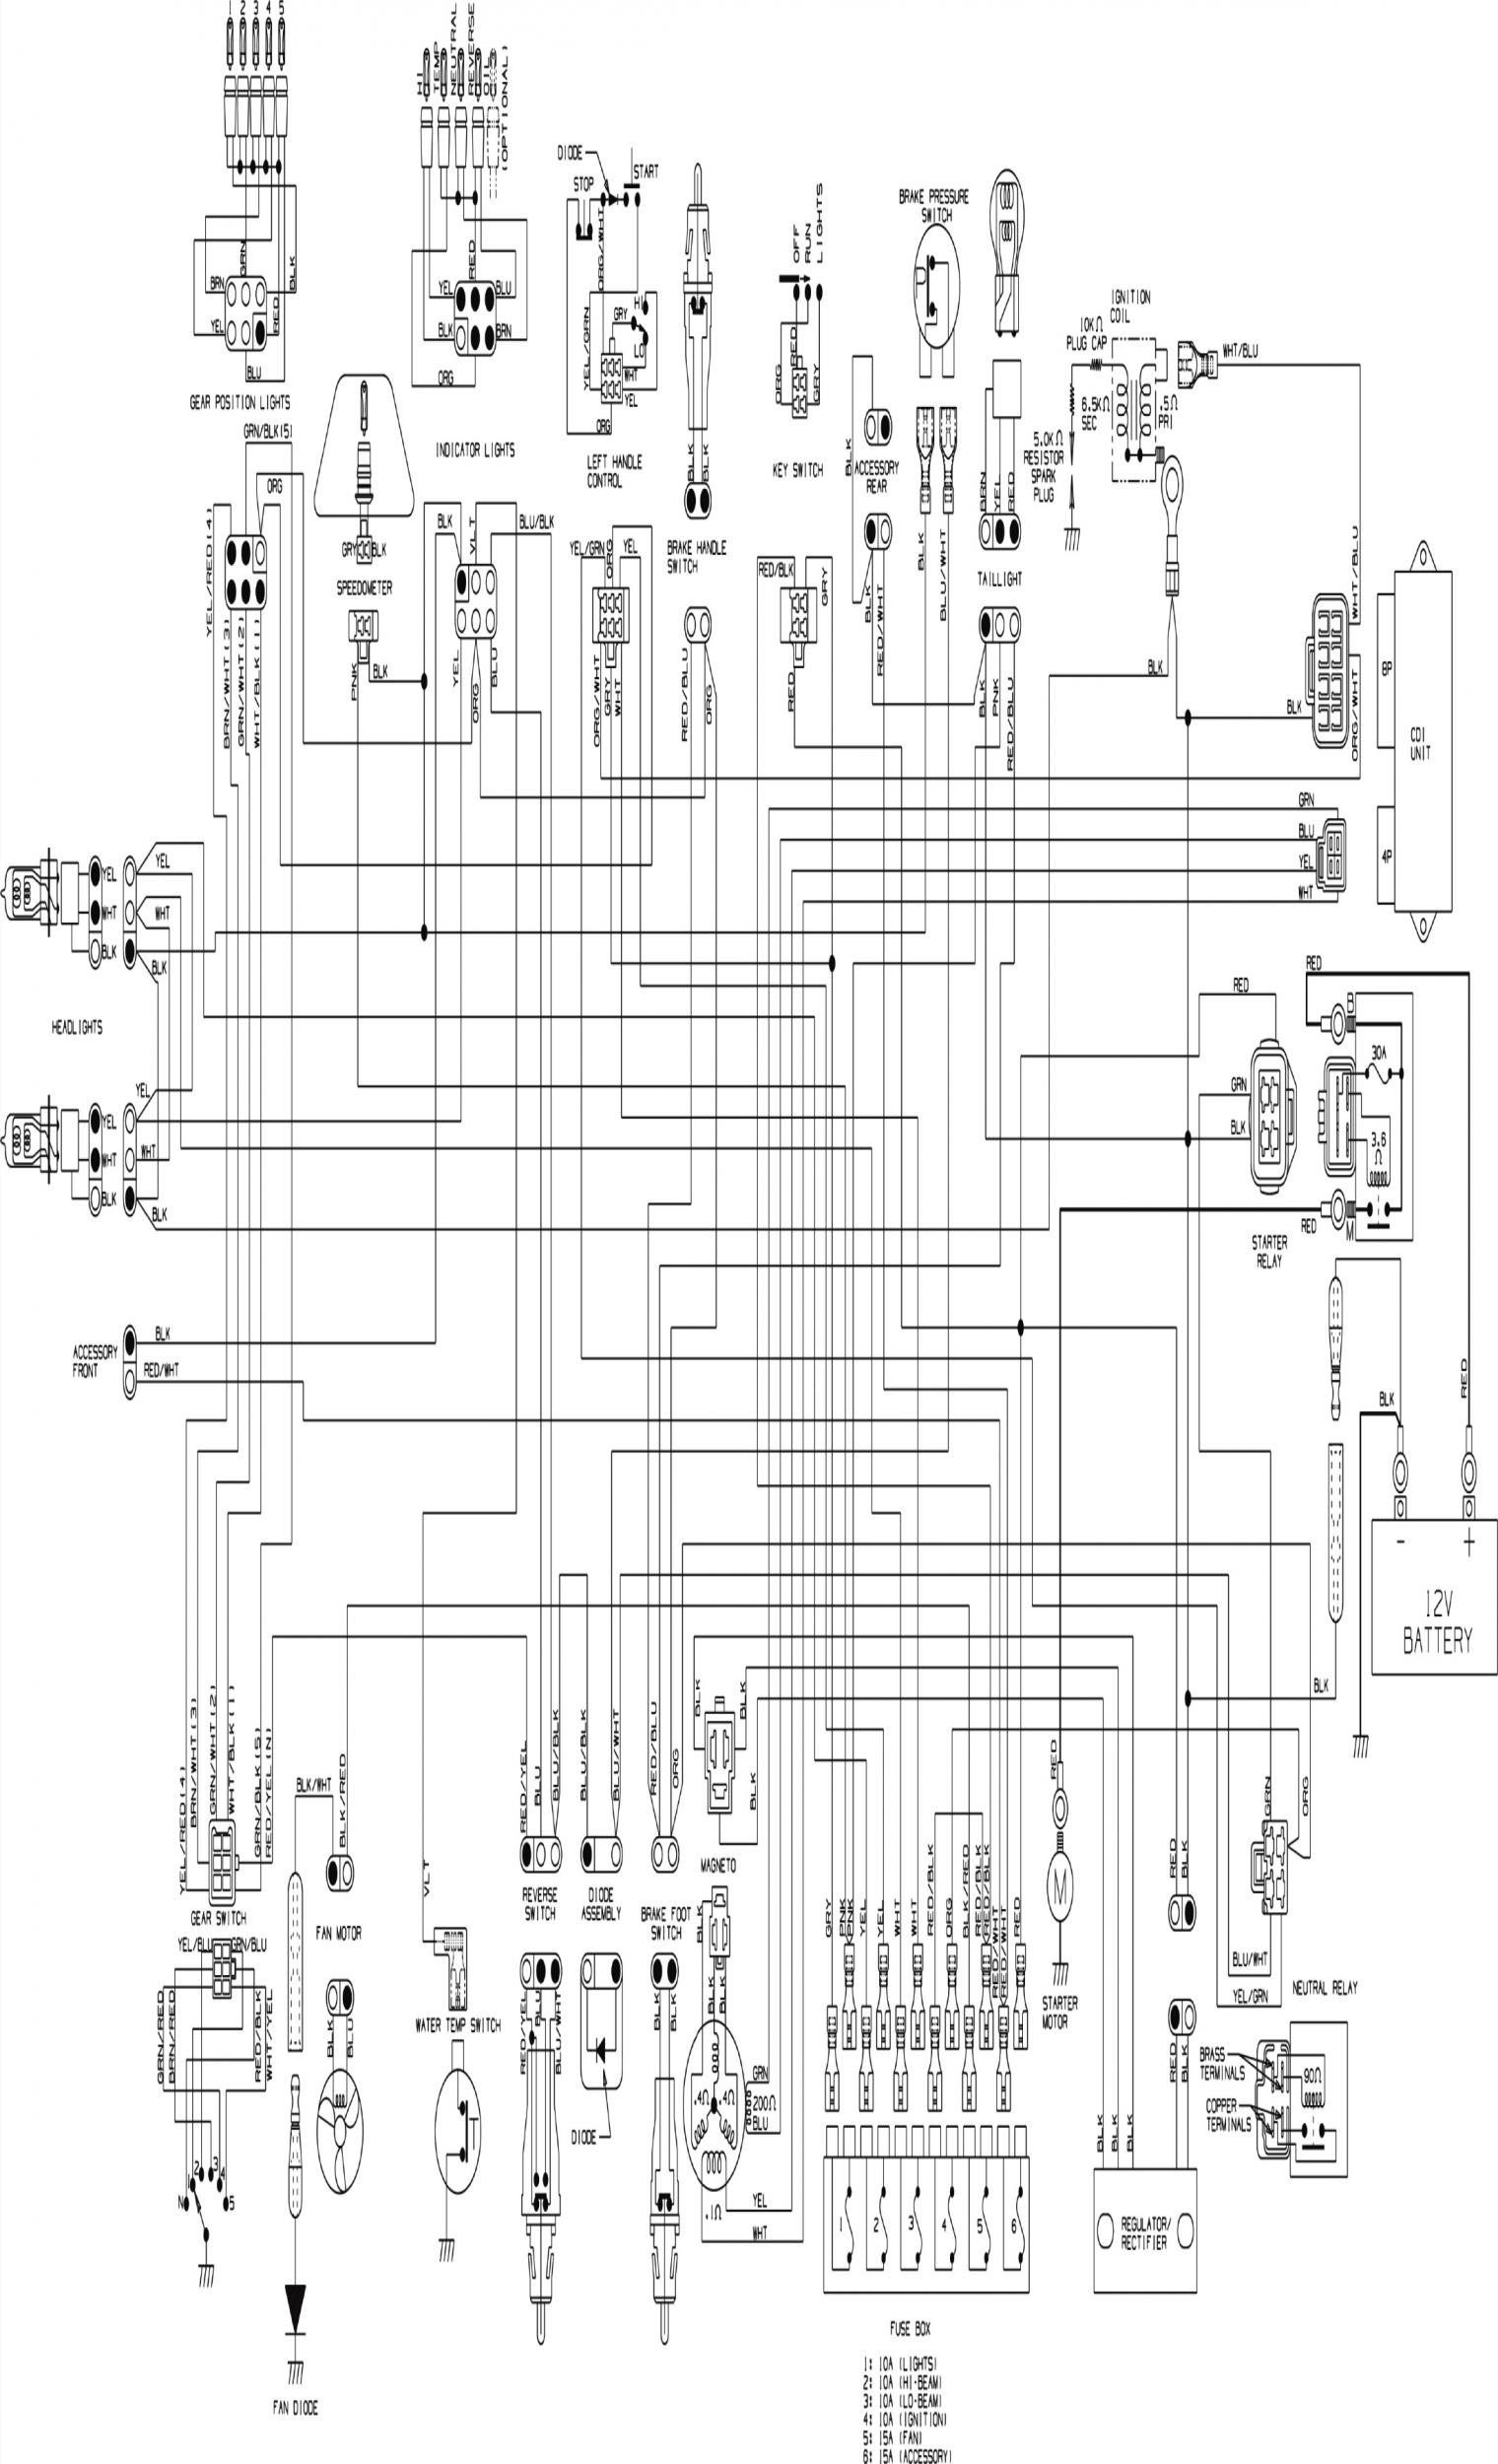 Arctic Cat Z1 Wiring Diagram